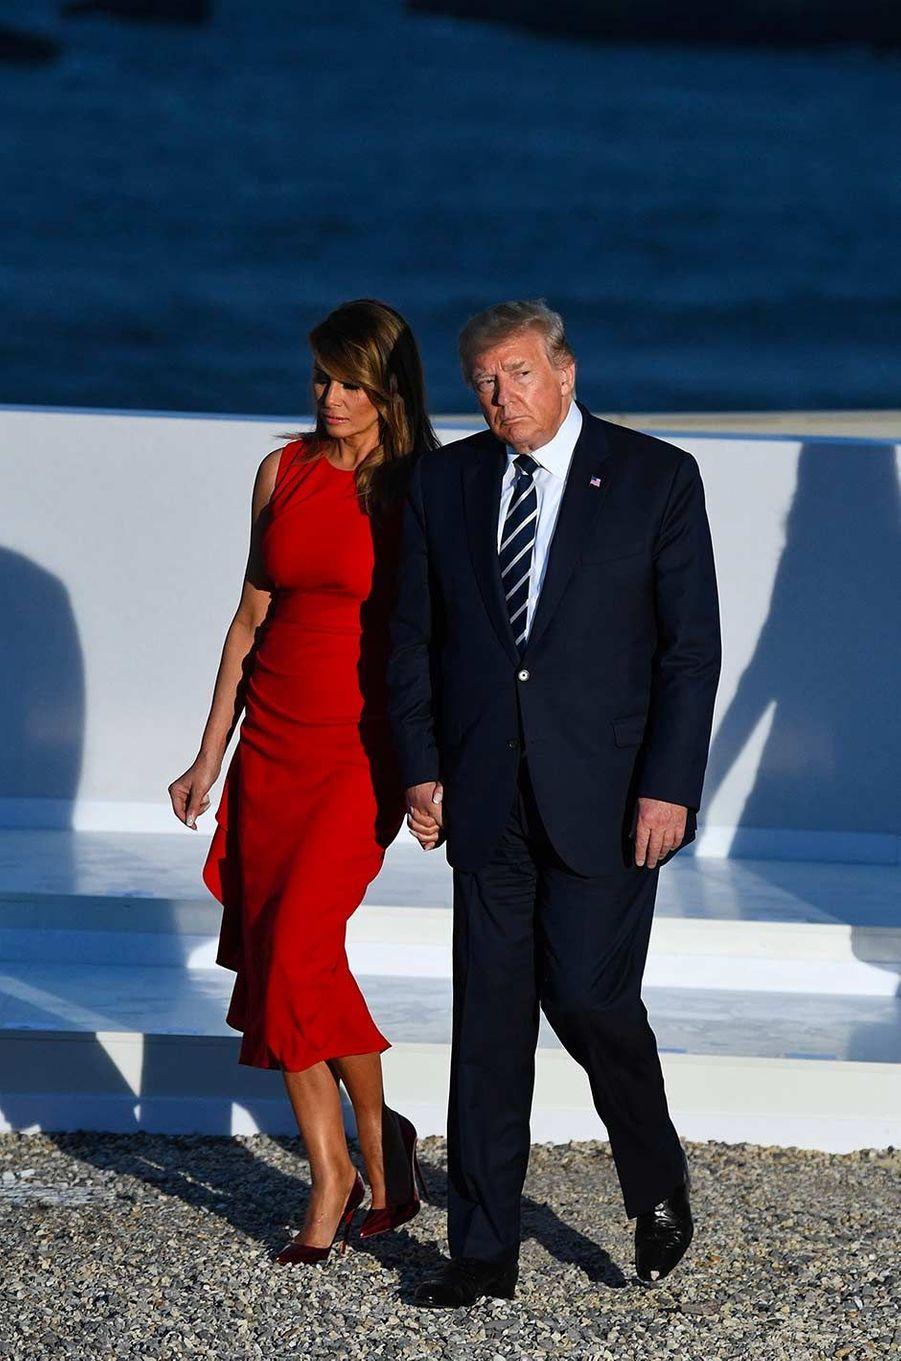 Melania Trump arrivant au deuxième dîner de travail du sommet du G7 à Biarritz, le 25 août 2019.